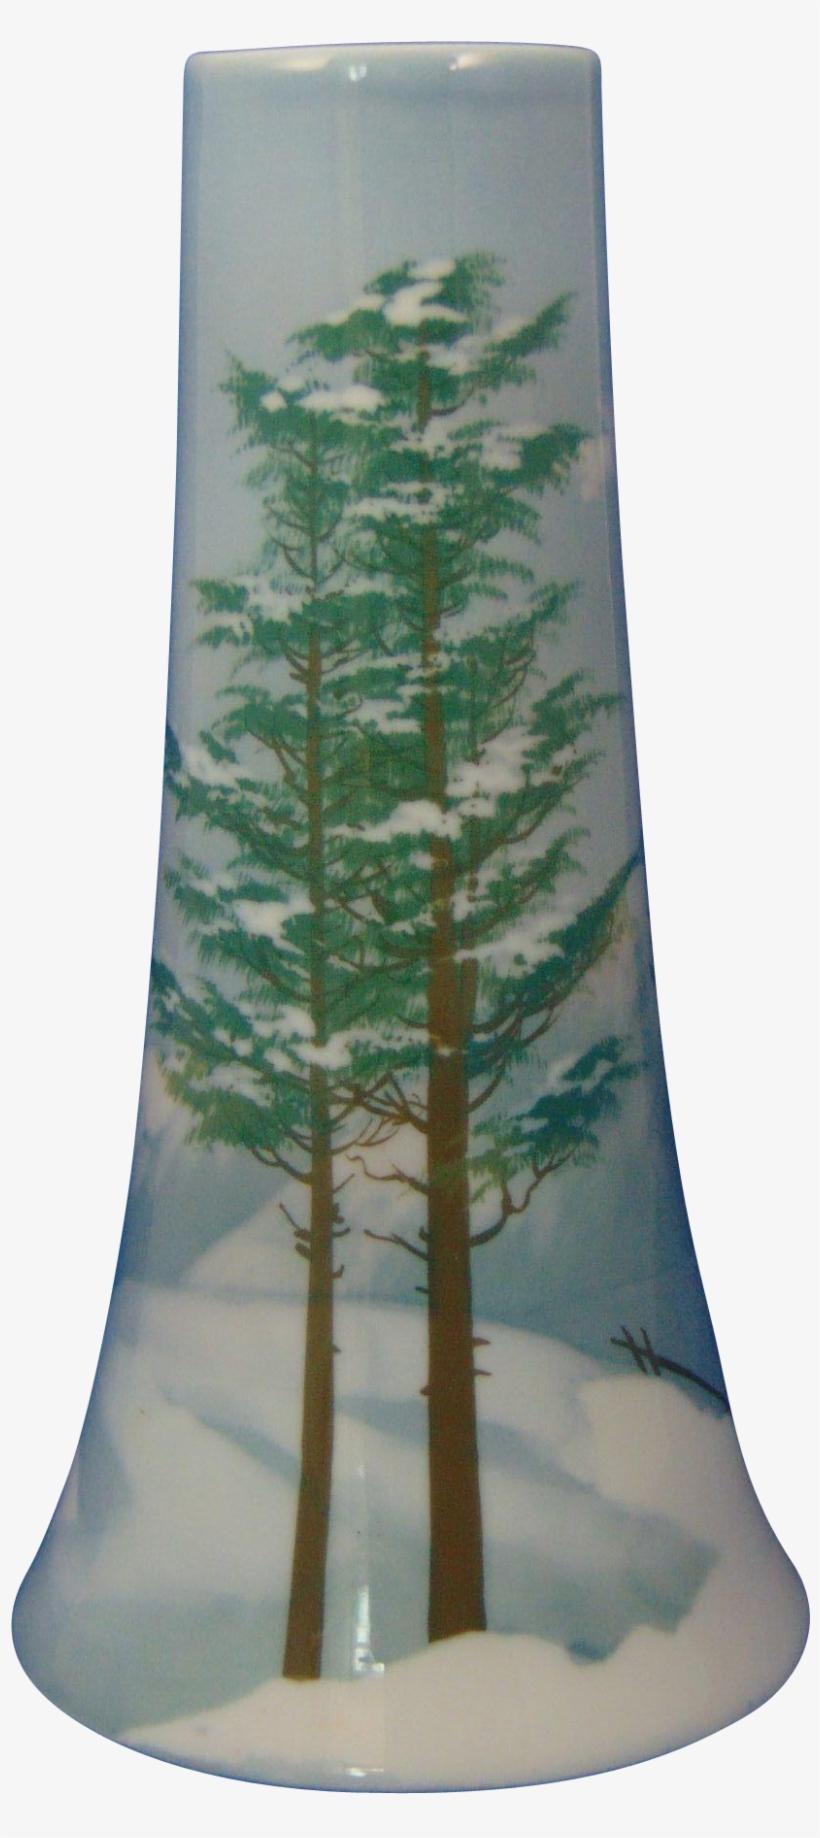 Bavaria Arts & Crafts Winter Landscape Motif Vase - Christmas Tree, transparent png #4090377